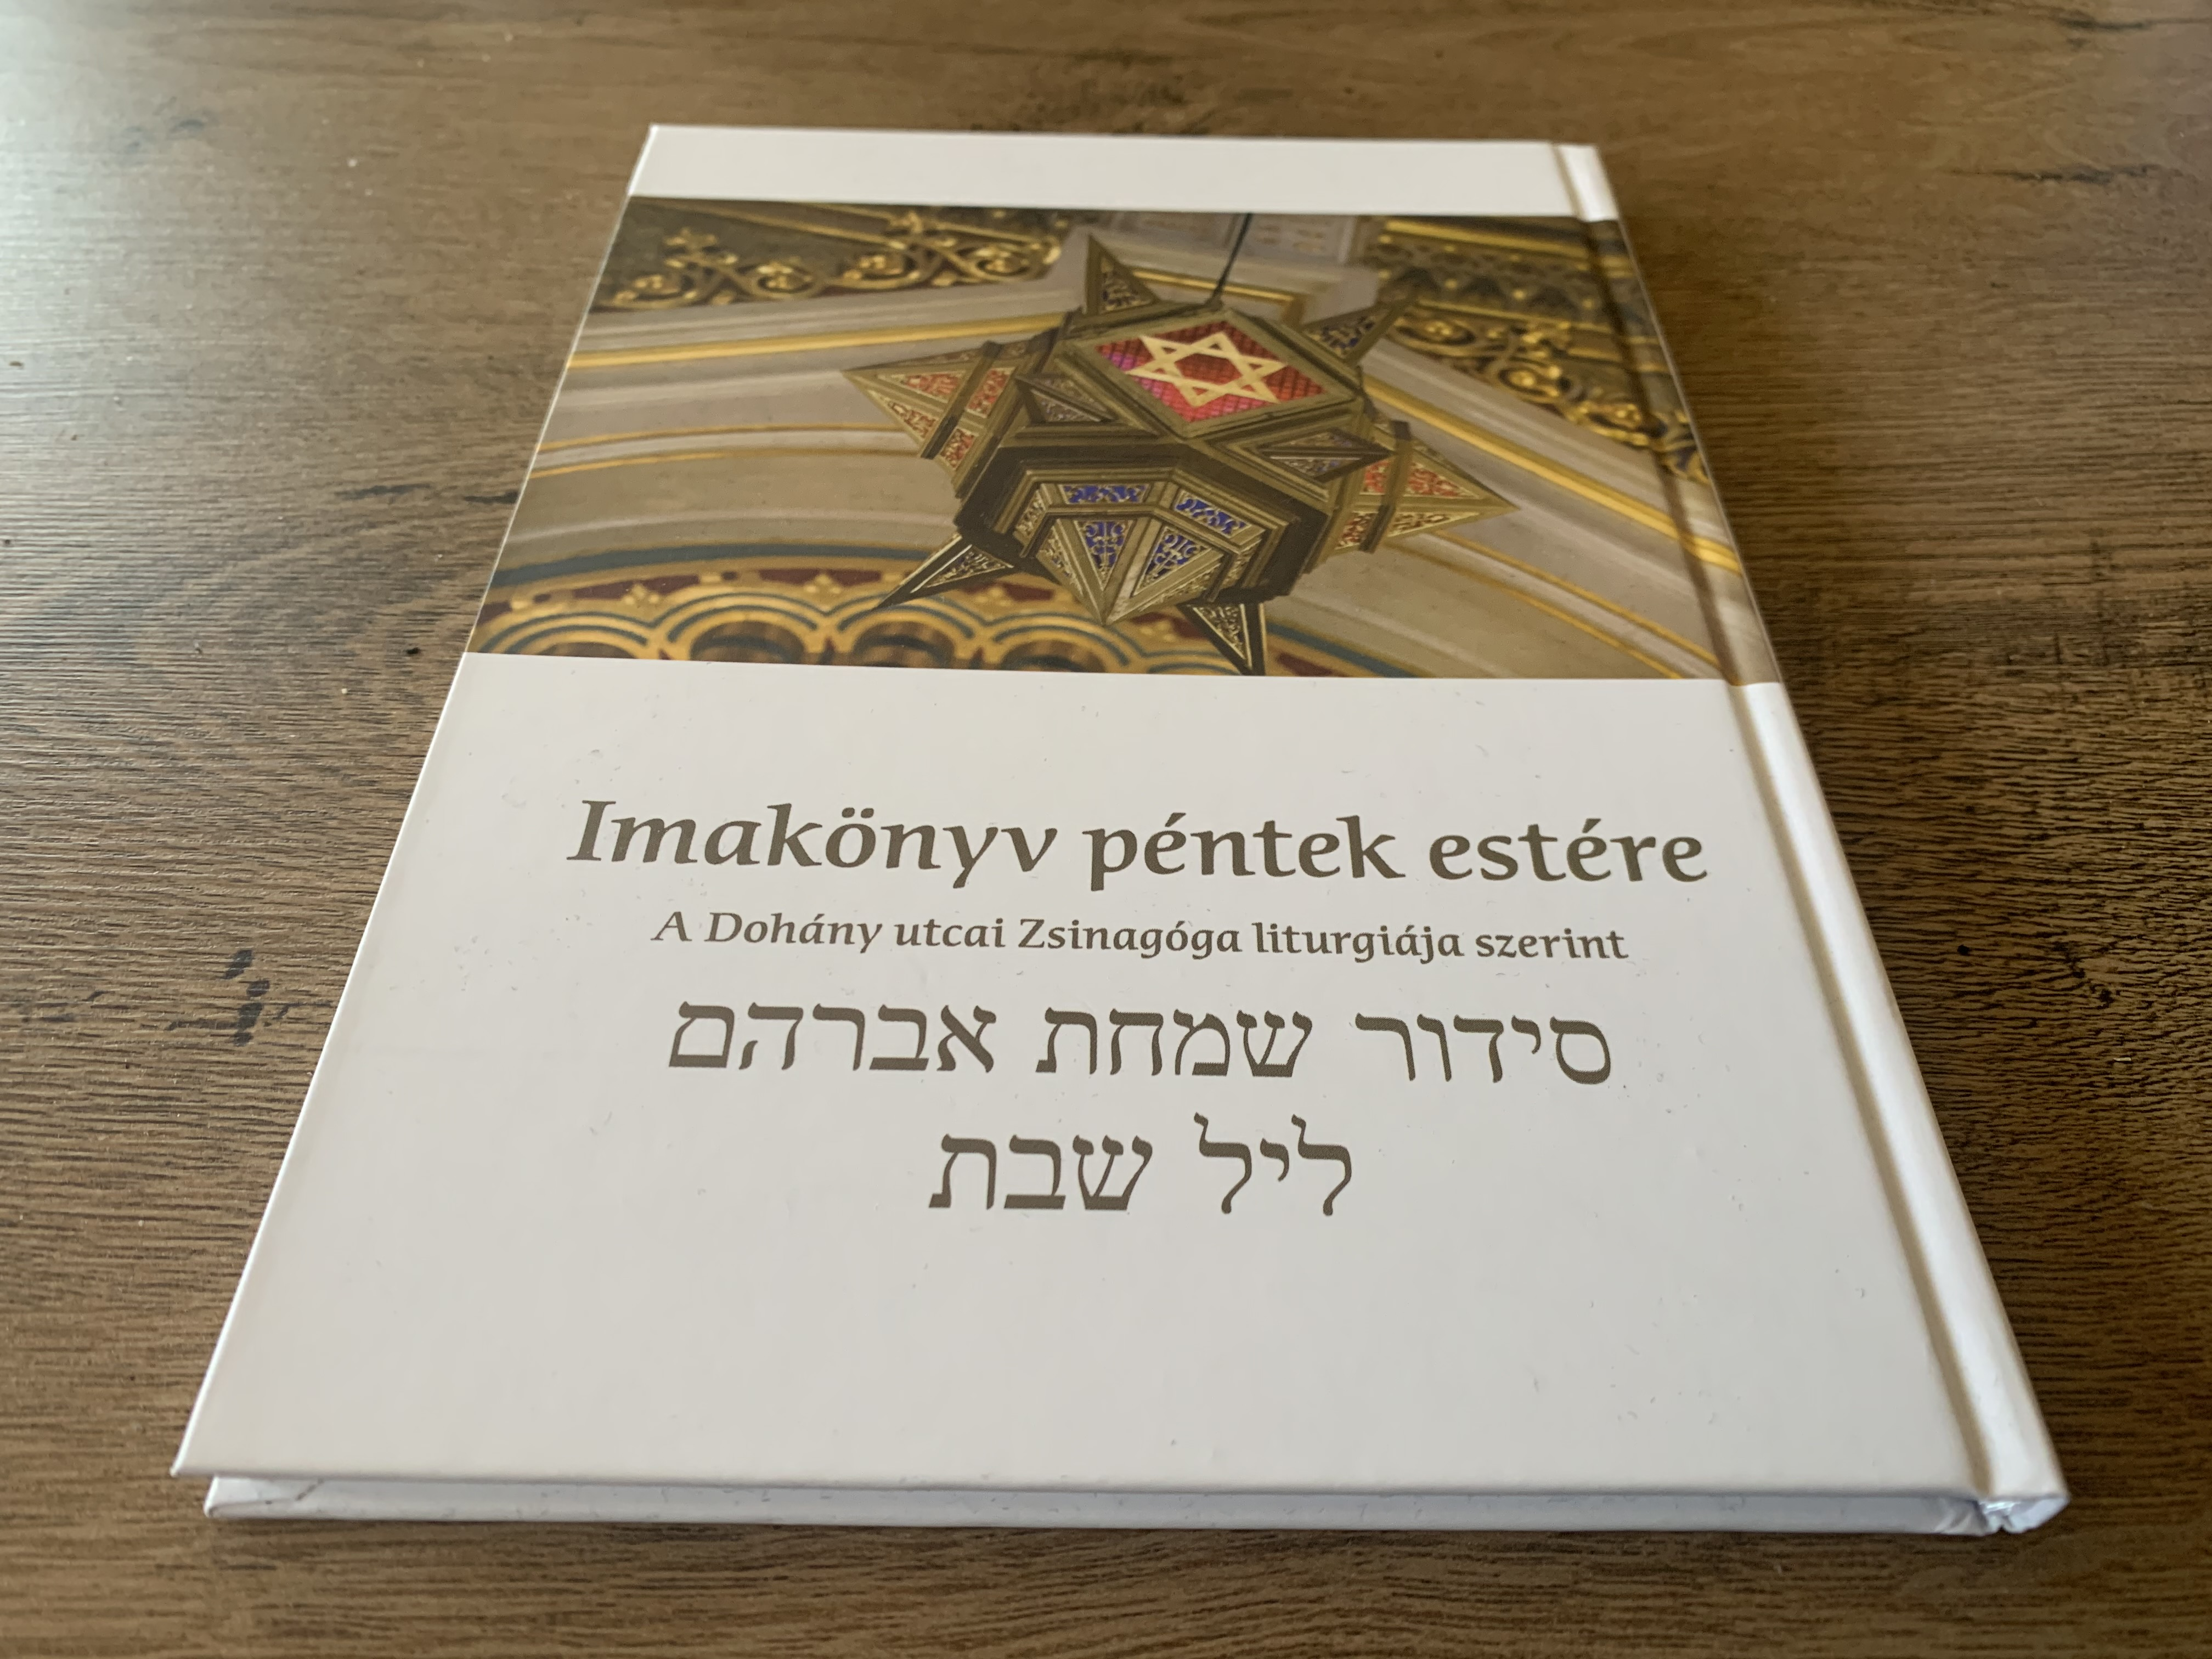 Új imakönyv a Dohány zsinagóga liturgiája szerint